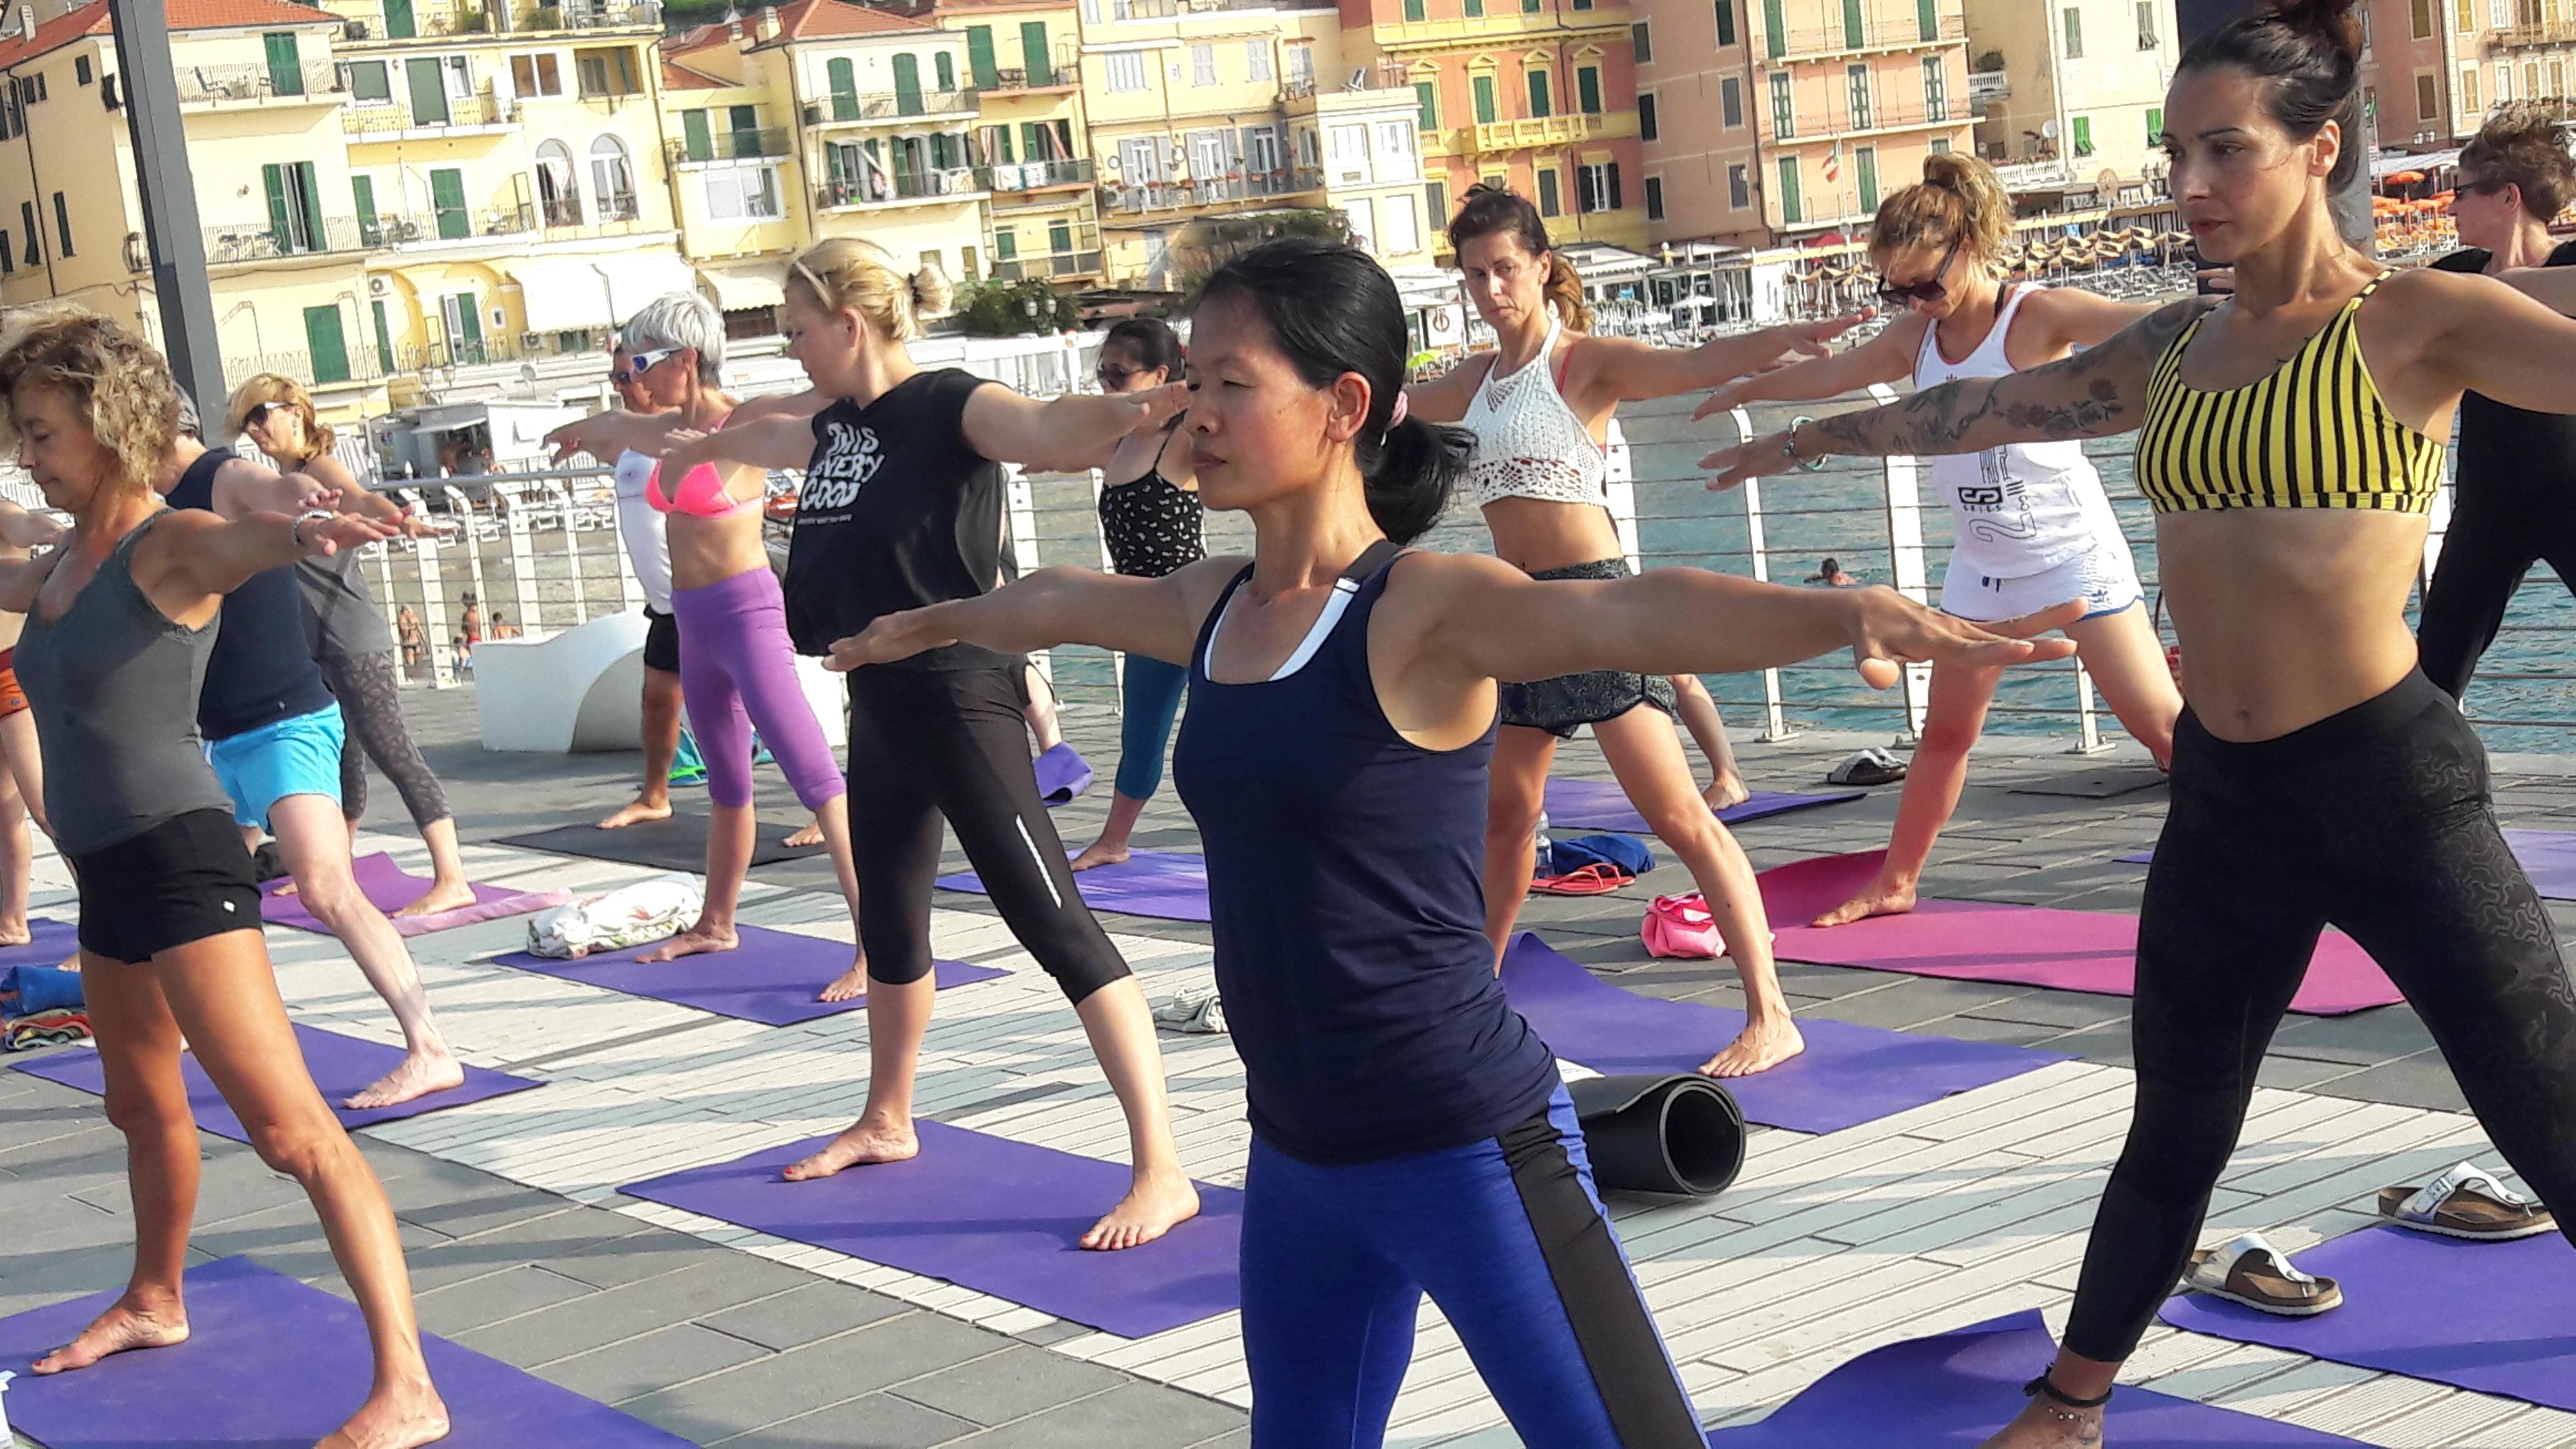 1_essere-free-yoga-gratuito-benessere-per-tutti-village-citta-alassio-estate-lucia-ragazzi-summer-town-wellness-024